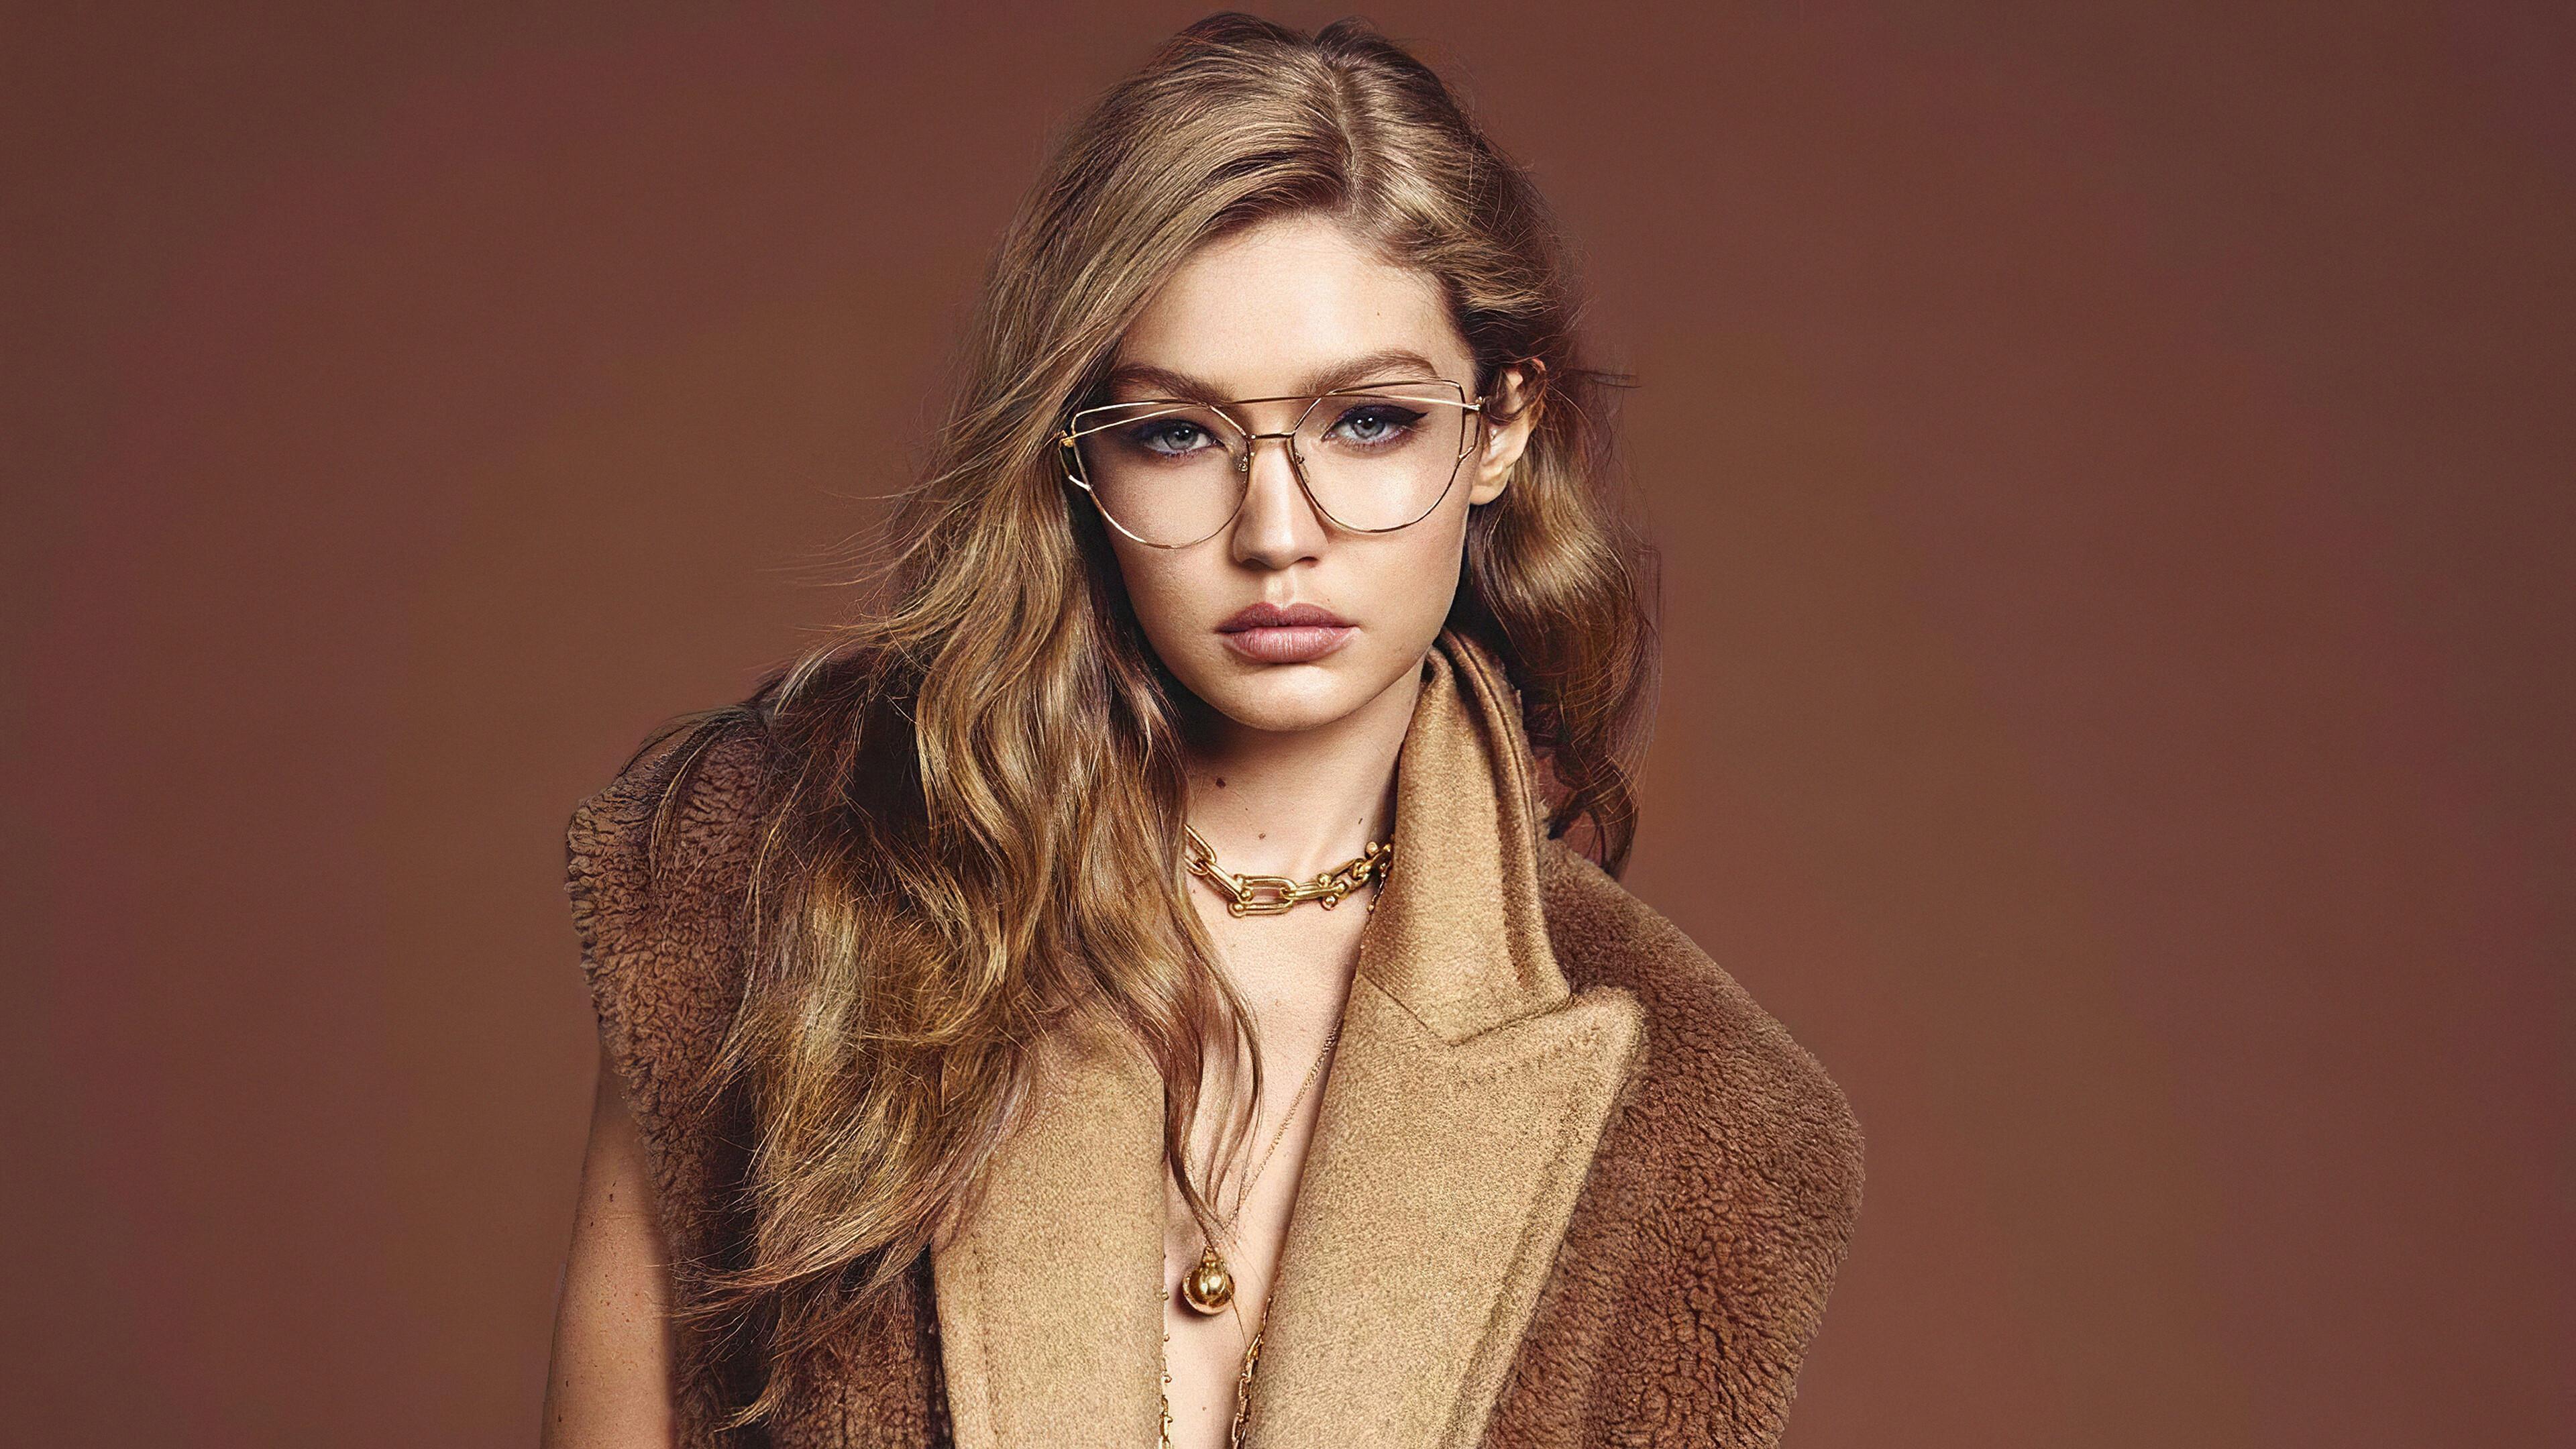 Fondos de pantalla Gigi Hadid con lentes